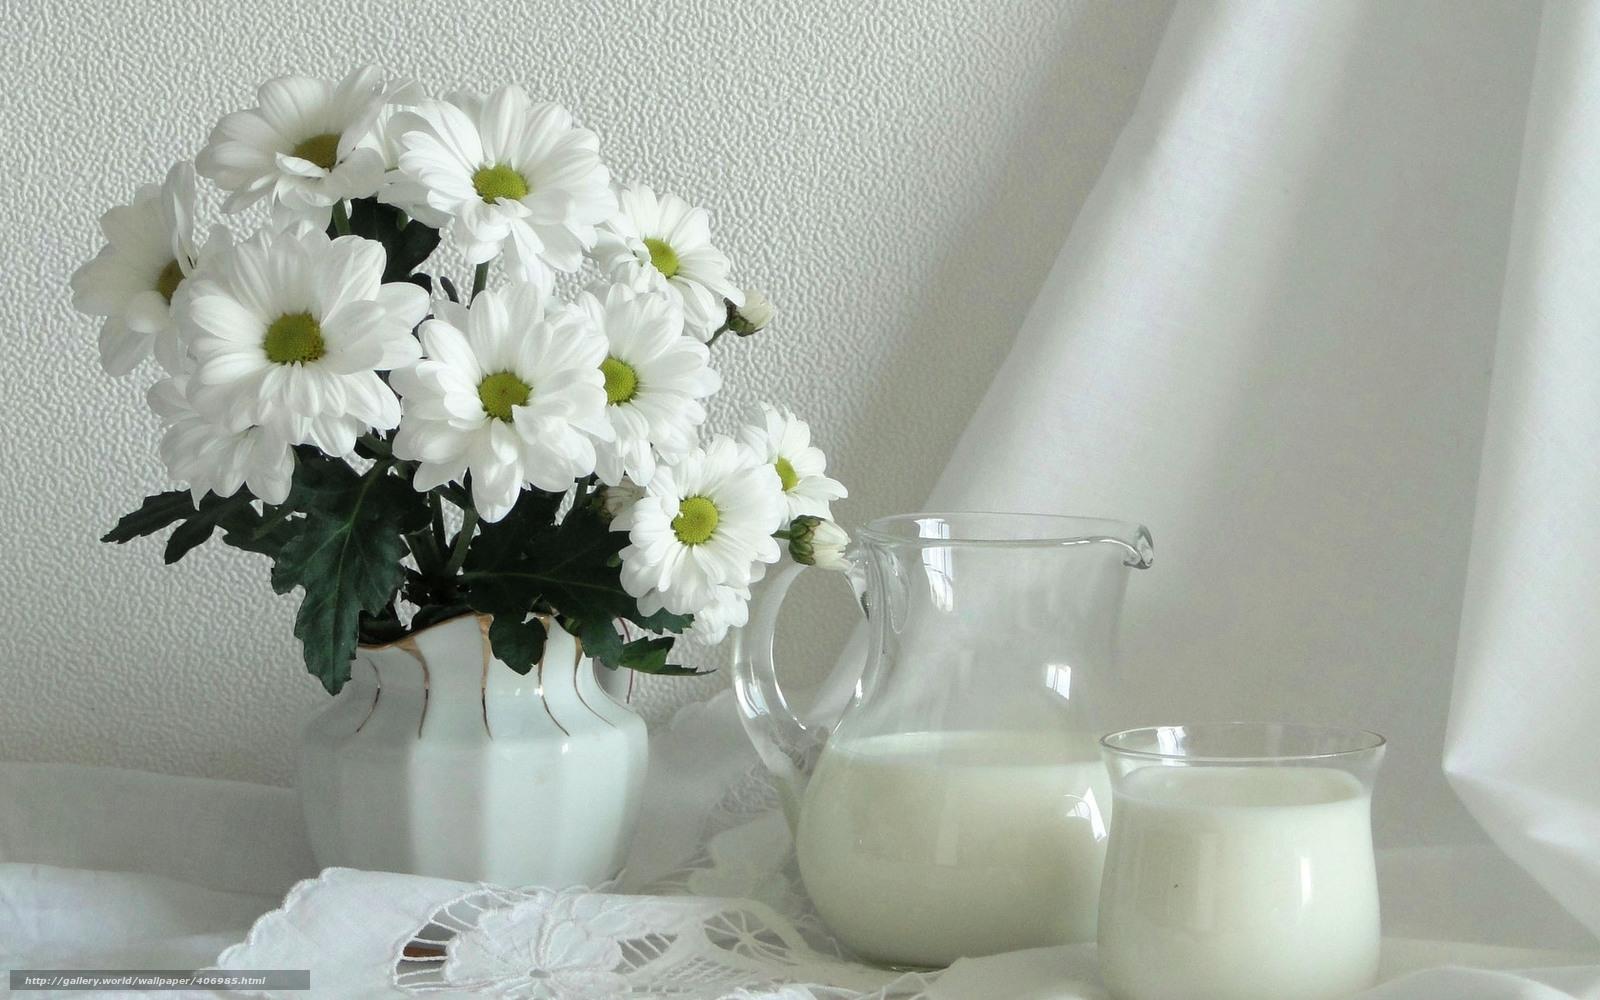 Скачать обои молоко,  цветы,  светлые тона бесплатно для рабочего стола в разрешении 1680x1050 — картинка №406985